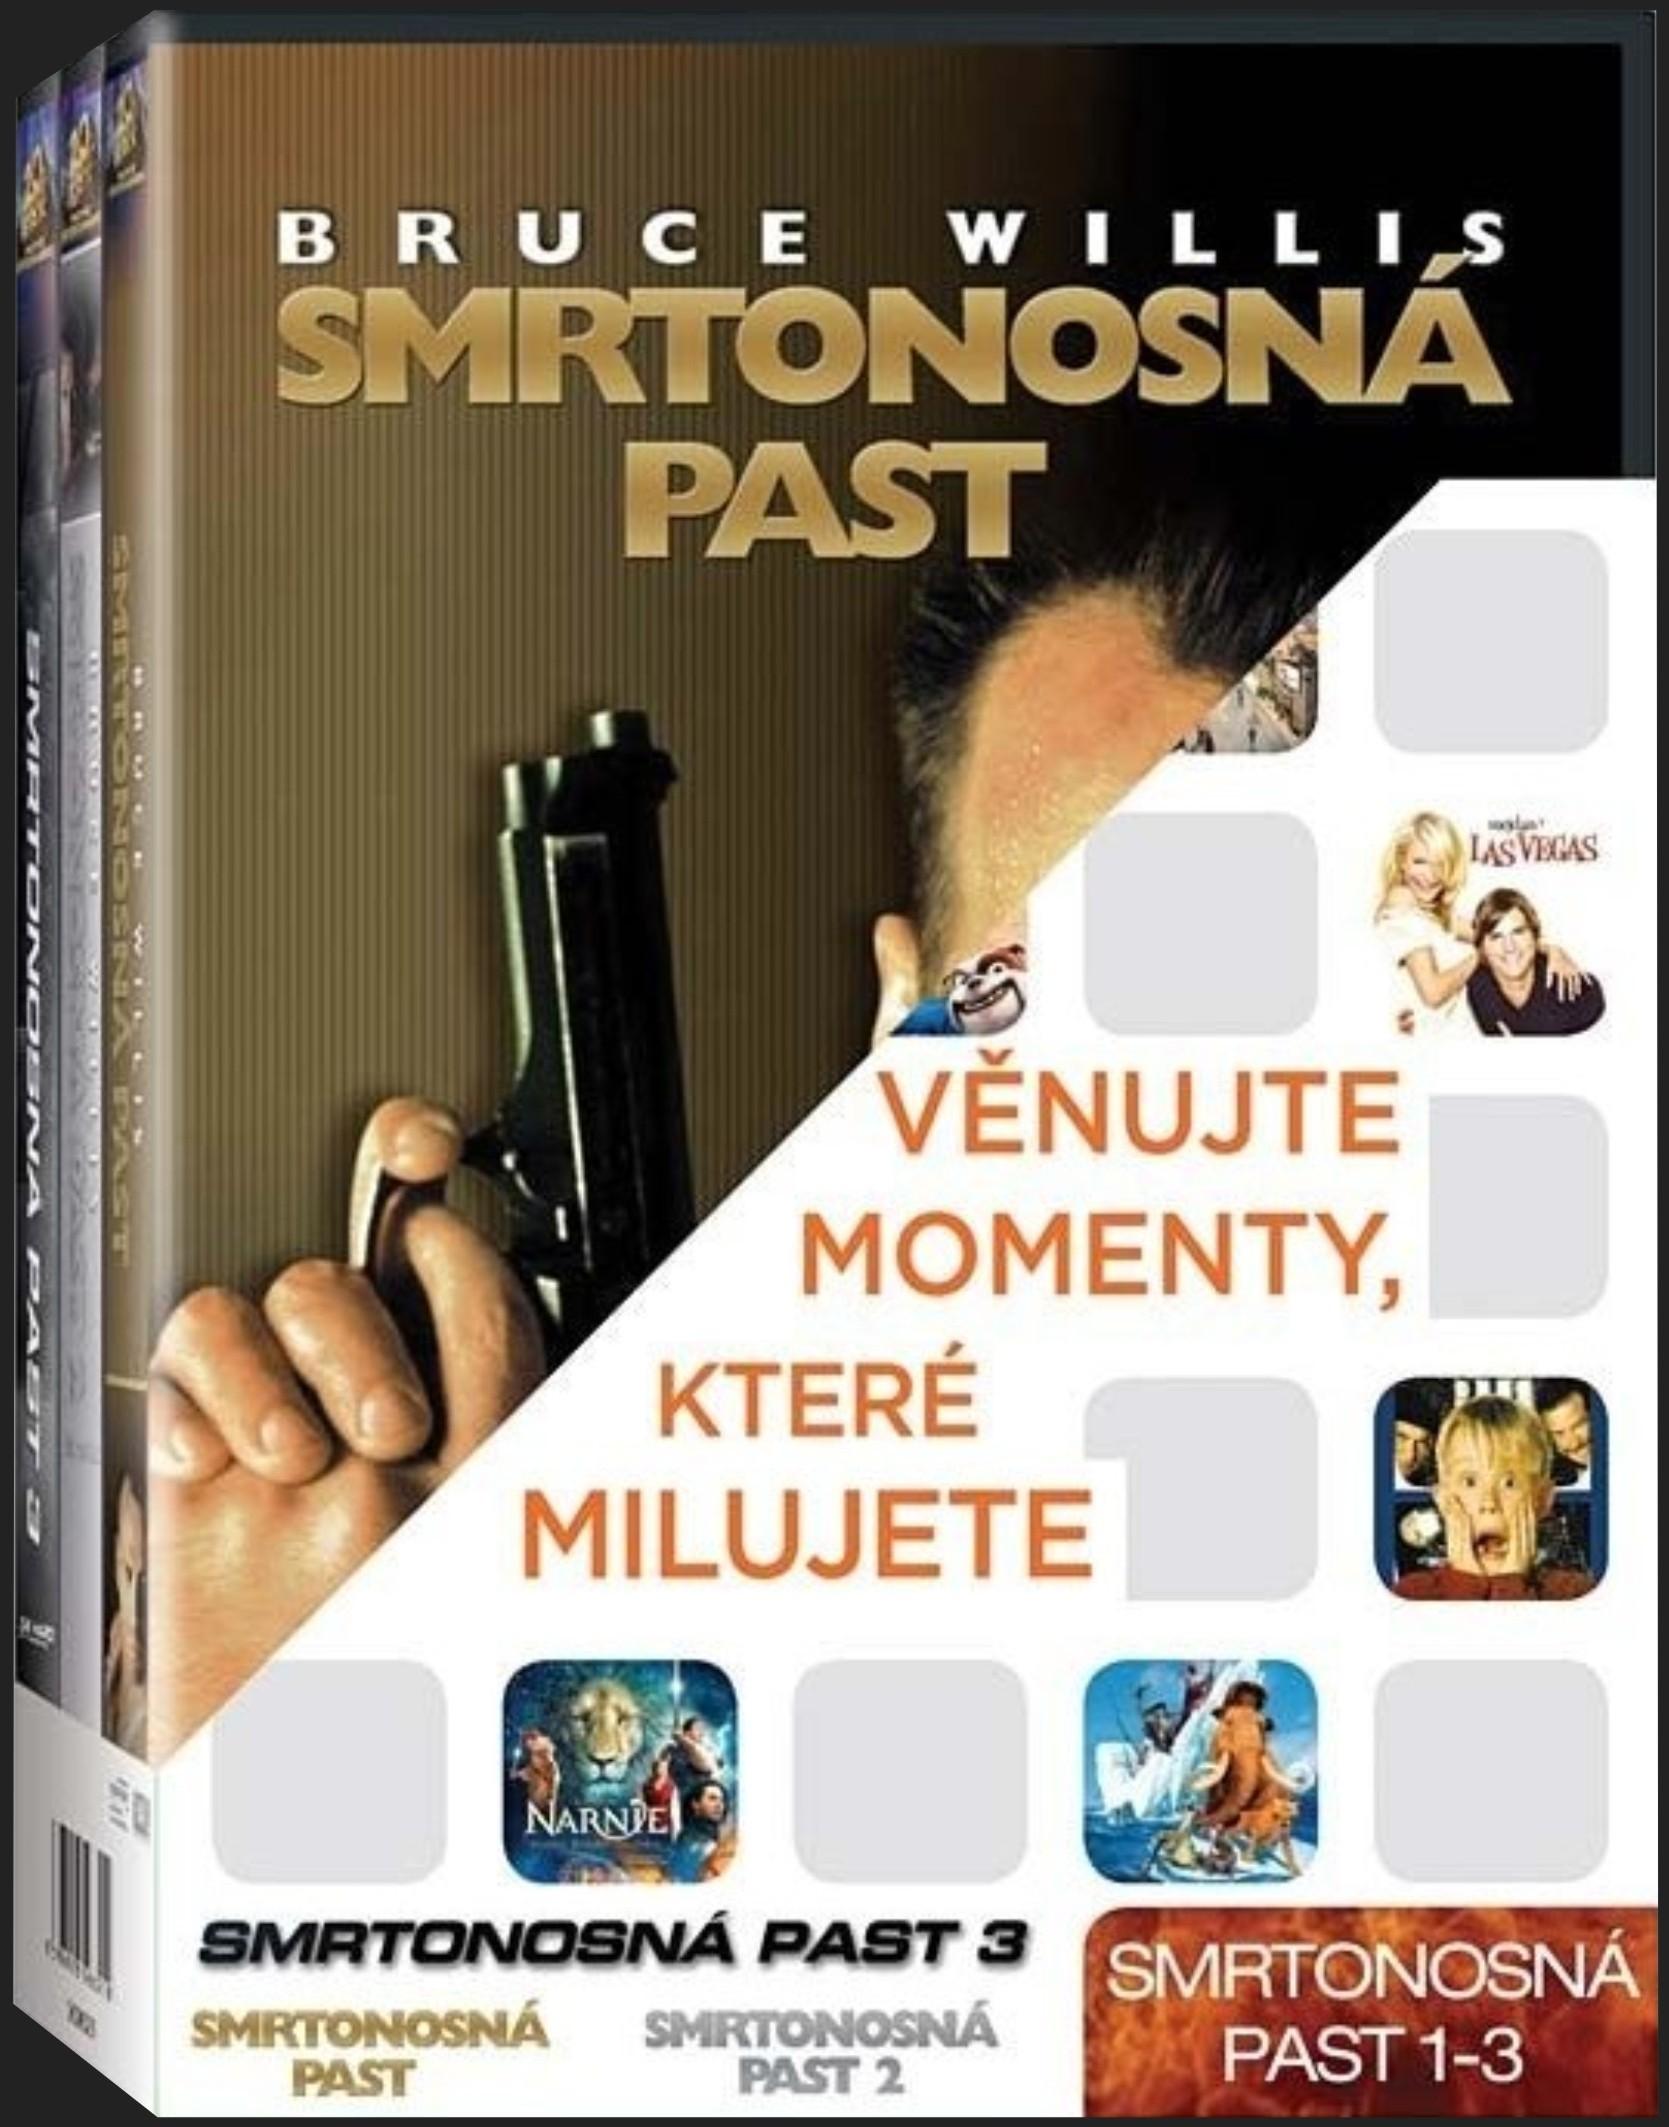 SMRTONOSNÁ PAST 1-3 KOLEKCE - 3 DVD